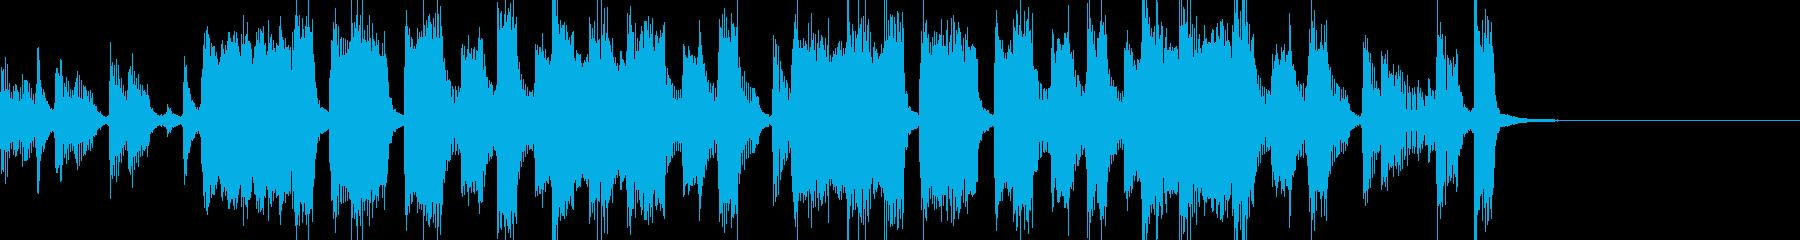 テクノ調のジングルの再生済みの波形